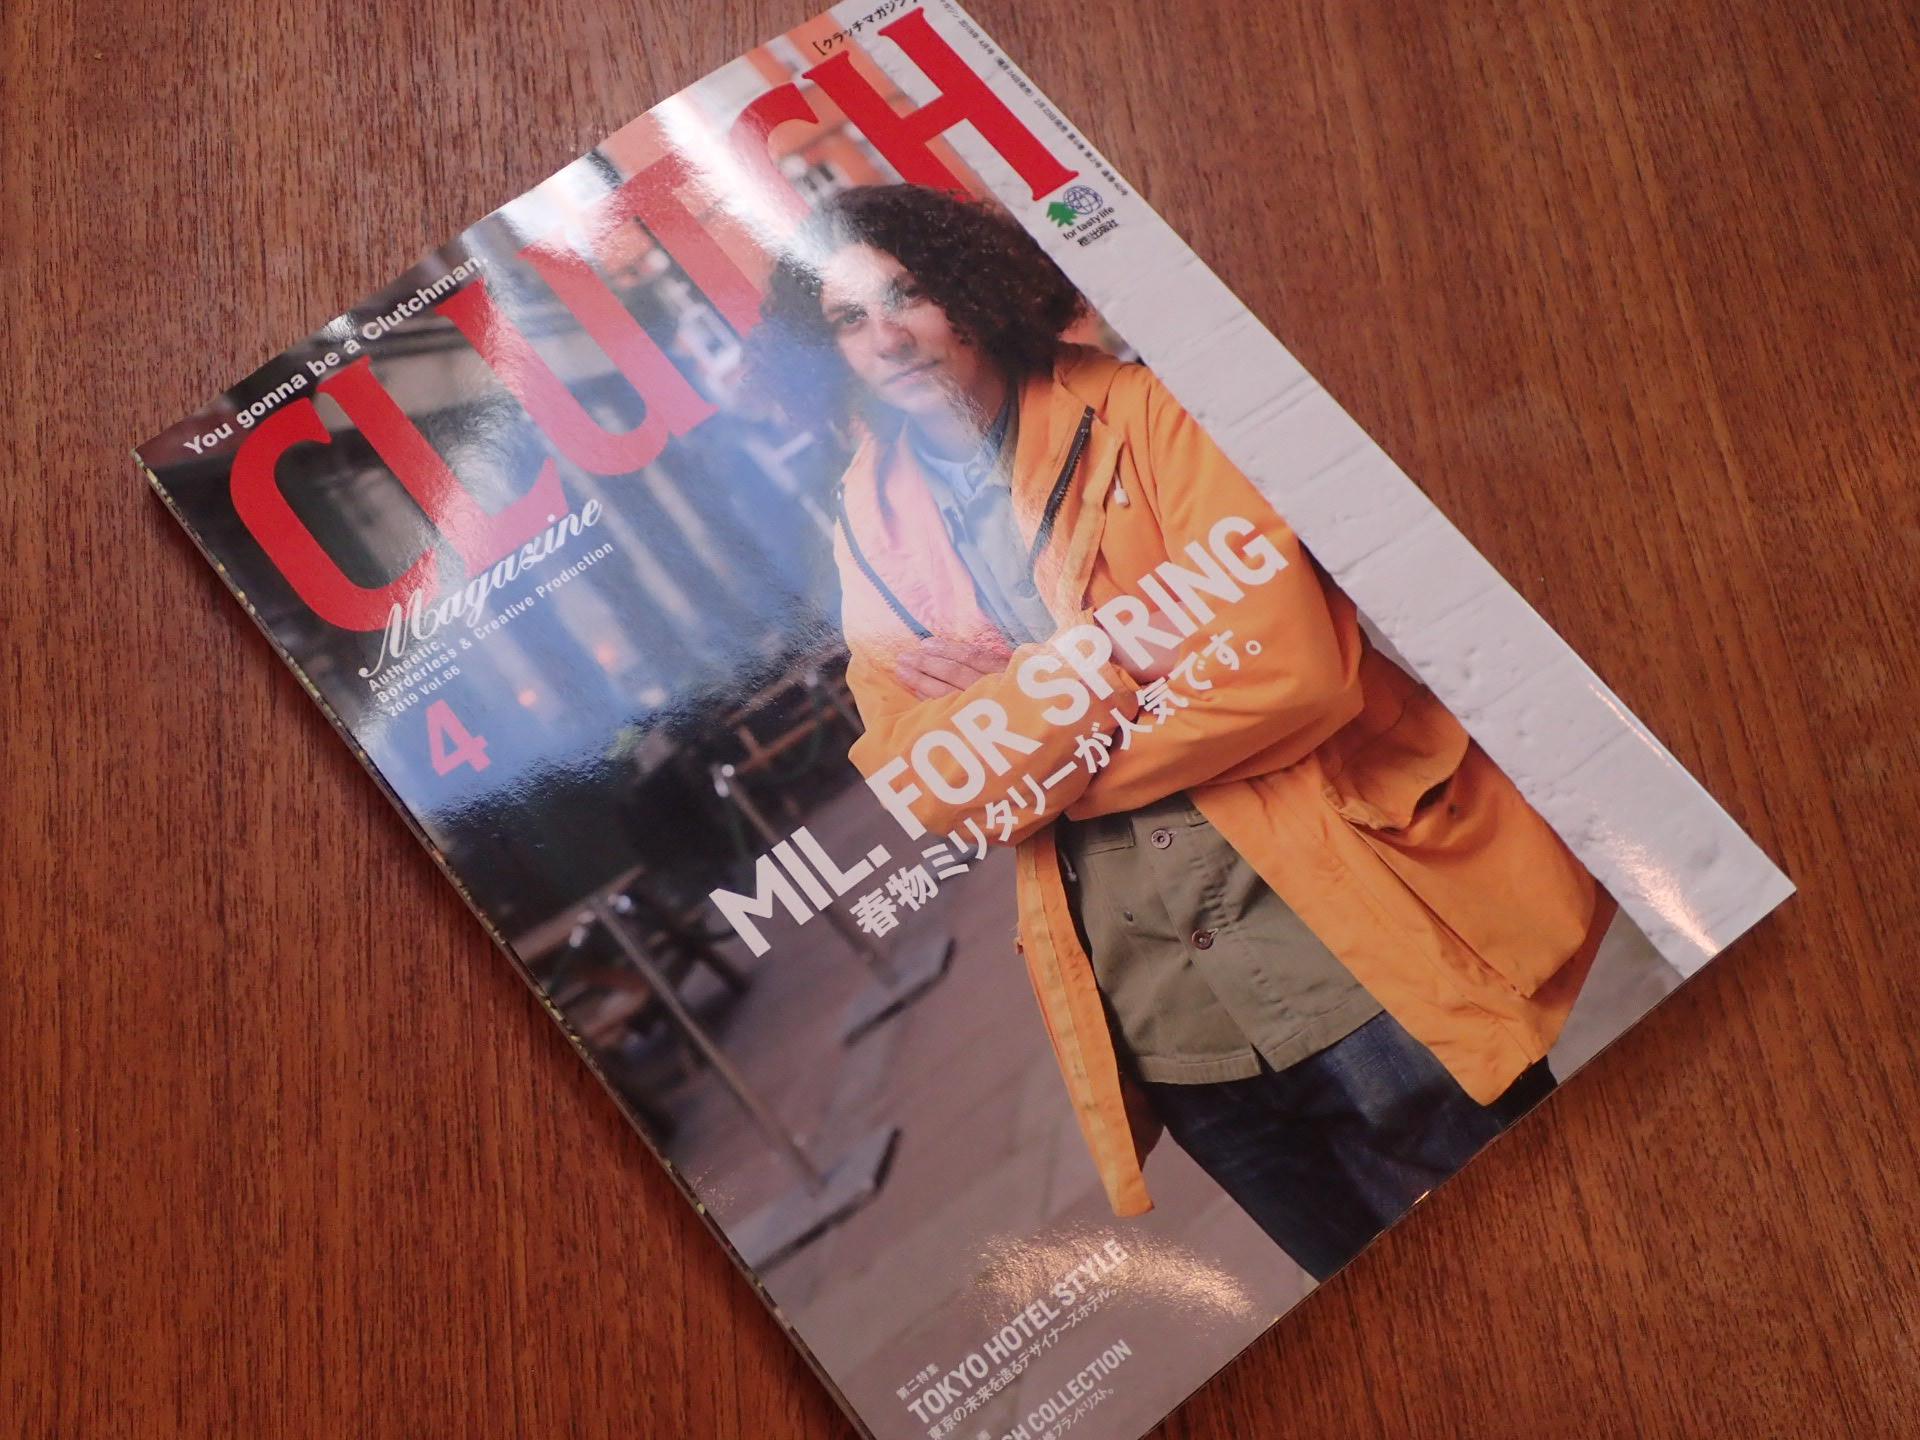 クラッチマガジン 4月号発売 当店の時計が紹介されました。